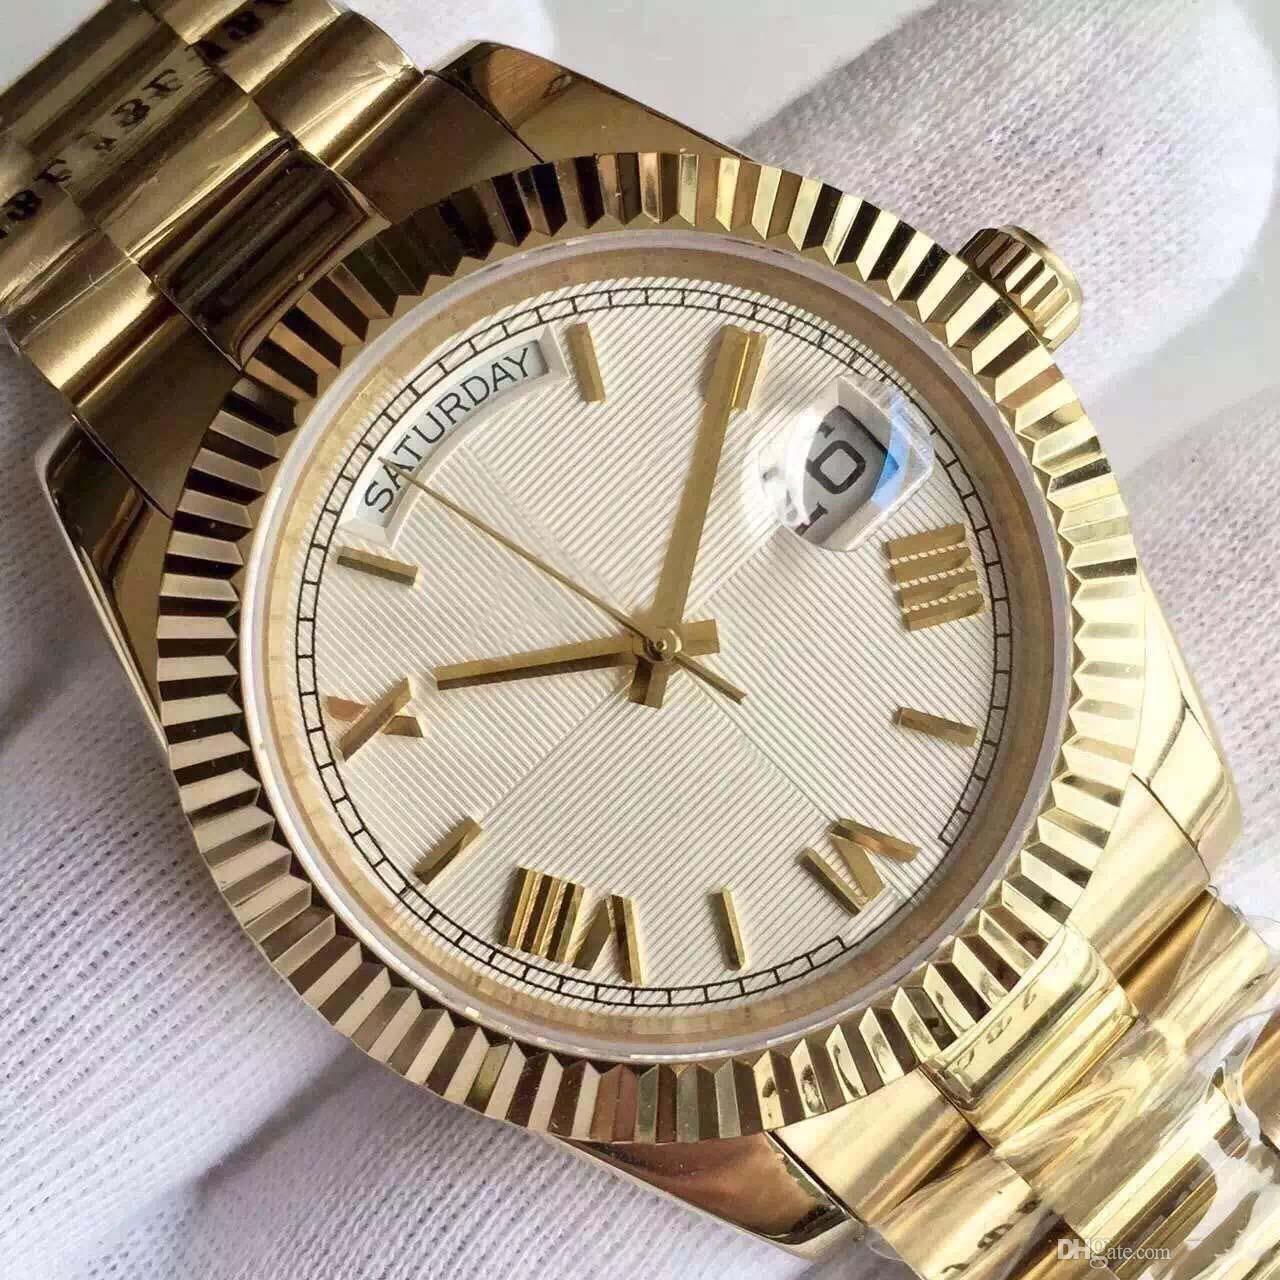 2019 novos 18 ct ouro DAYDATE mens watch 40mm movimento mecânico automático Silver dial aço inoxidável Sólidos fecho homem relógios relógio de pulso